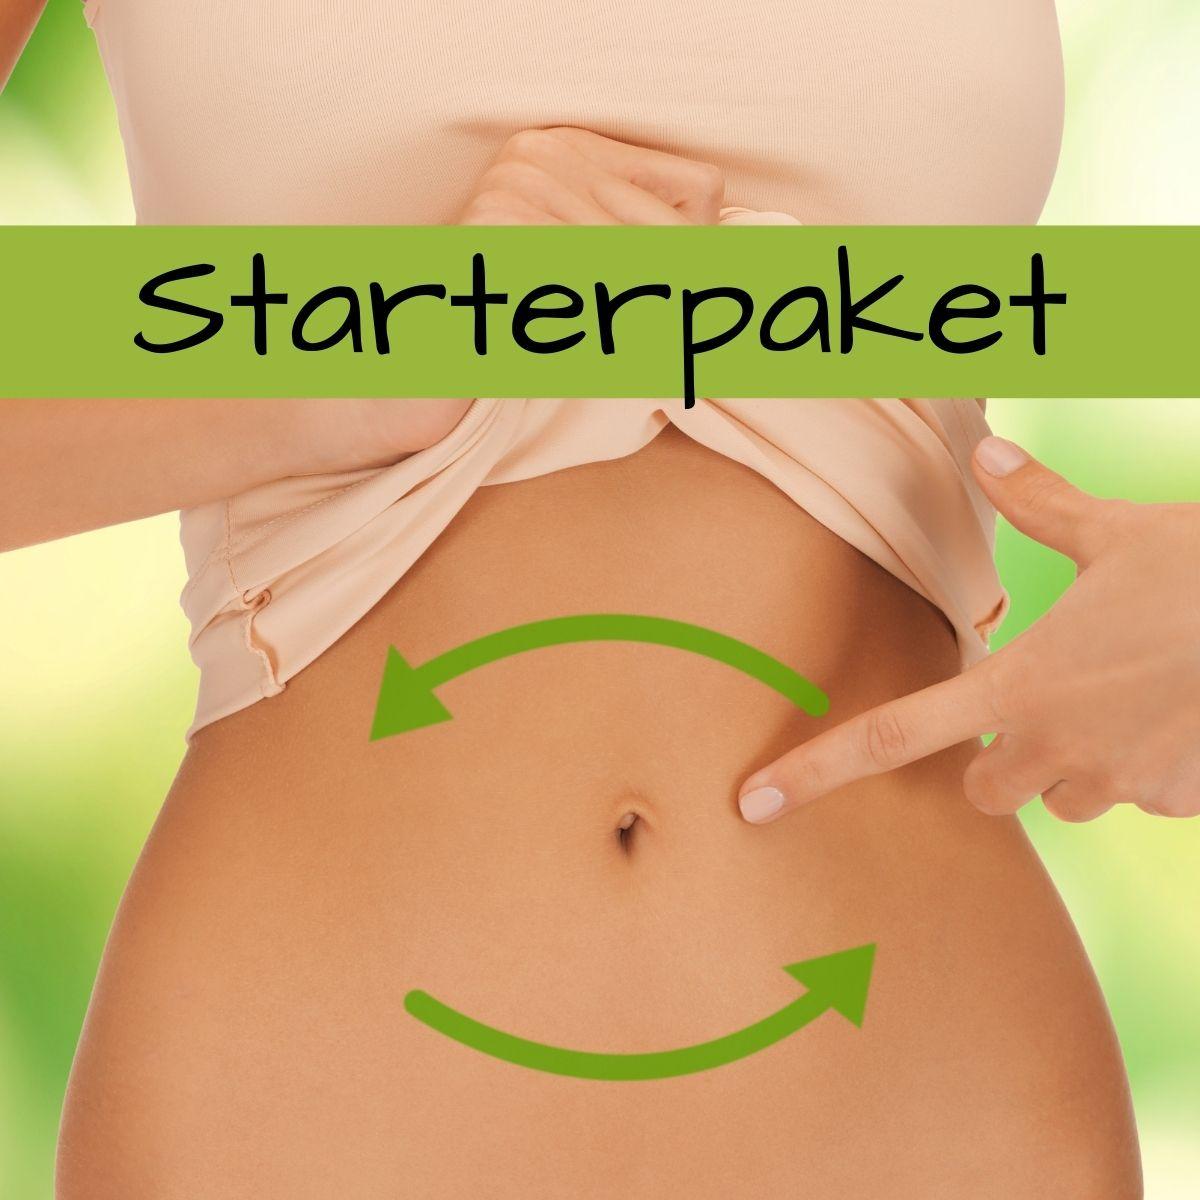 Ernährungsberatung Darm Starterpaket